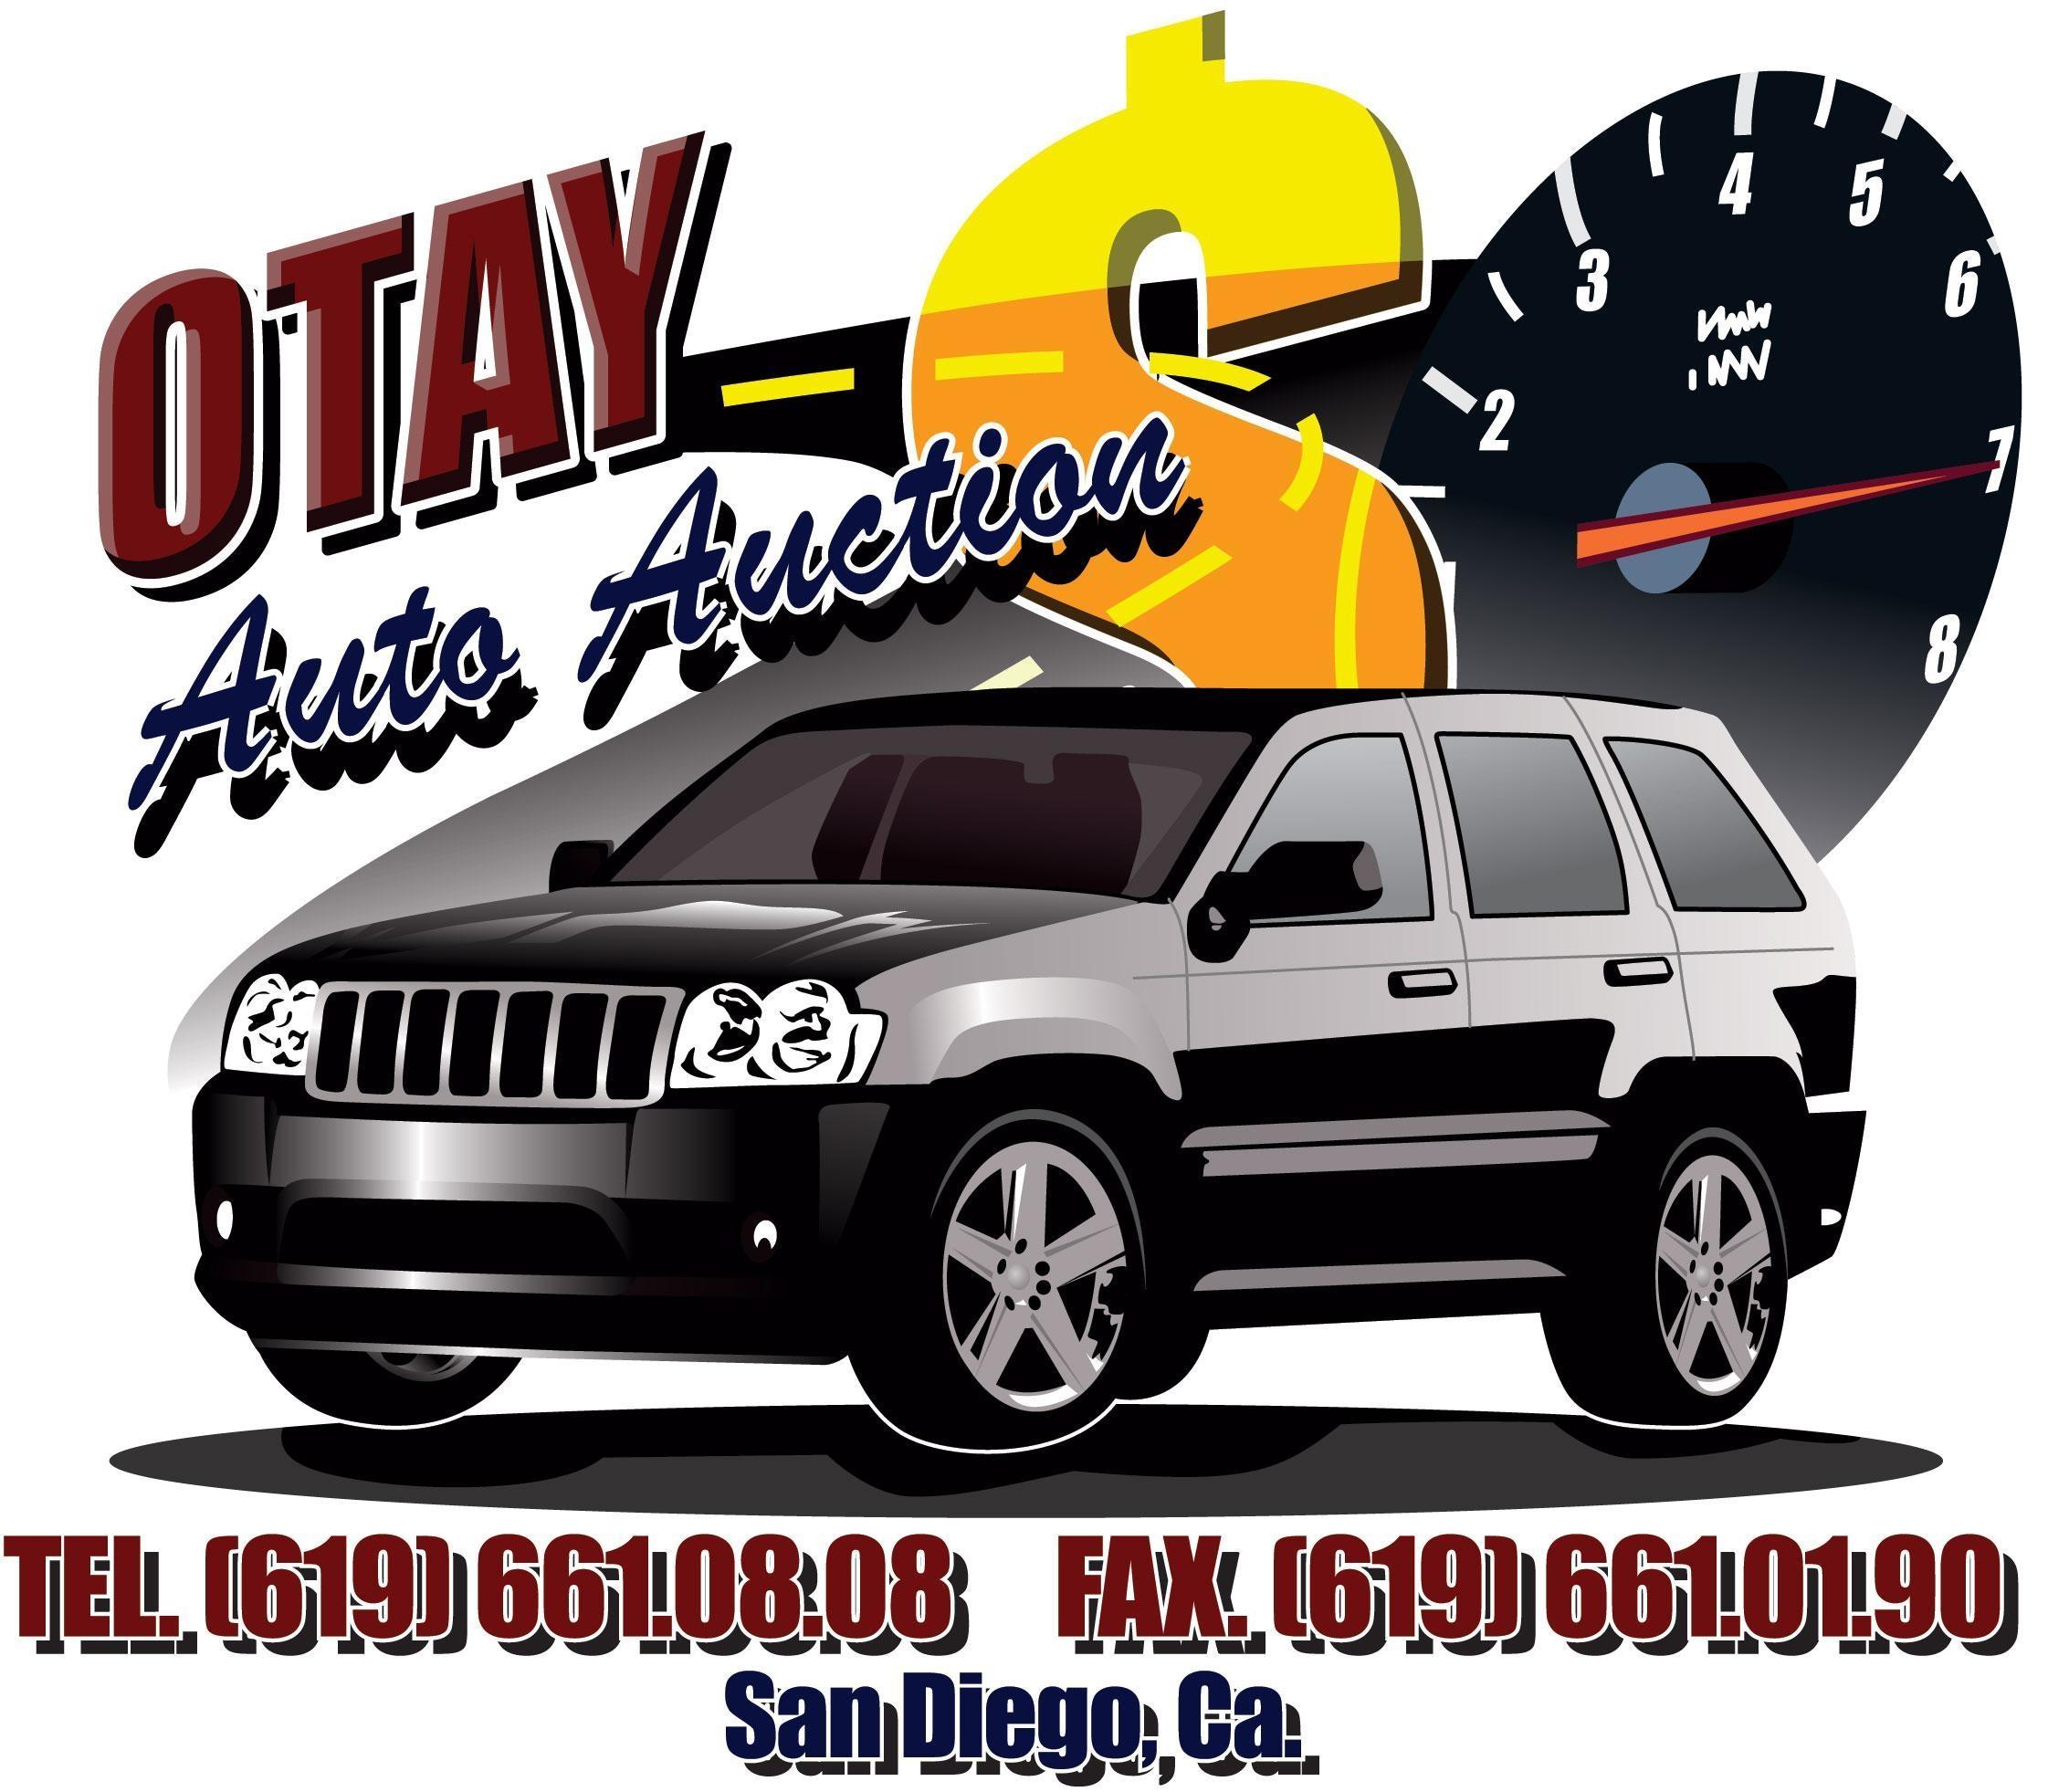 Otay Auto Auction 8955 Siempre Viva Rd San Diego, CA